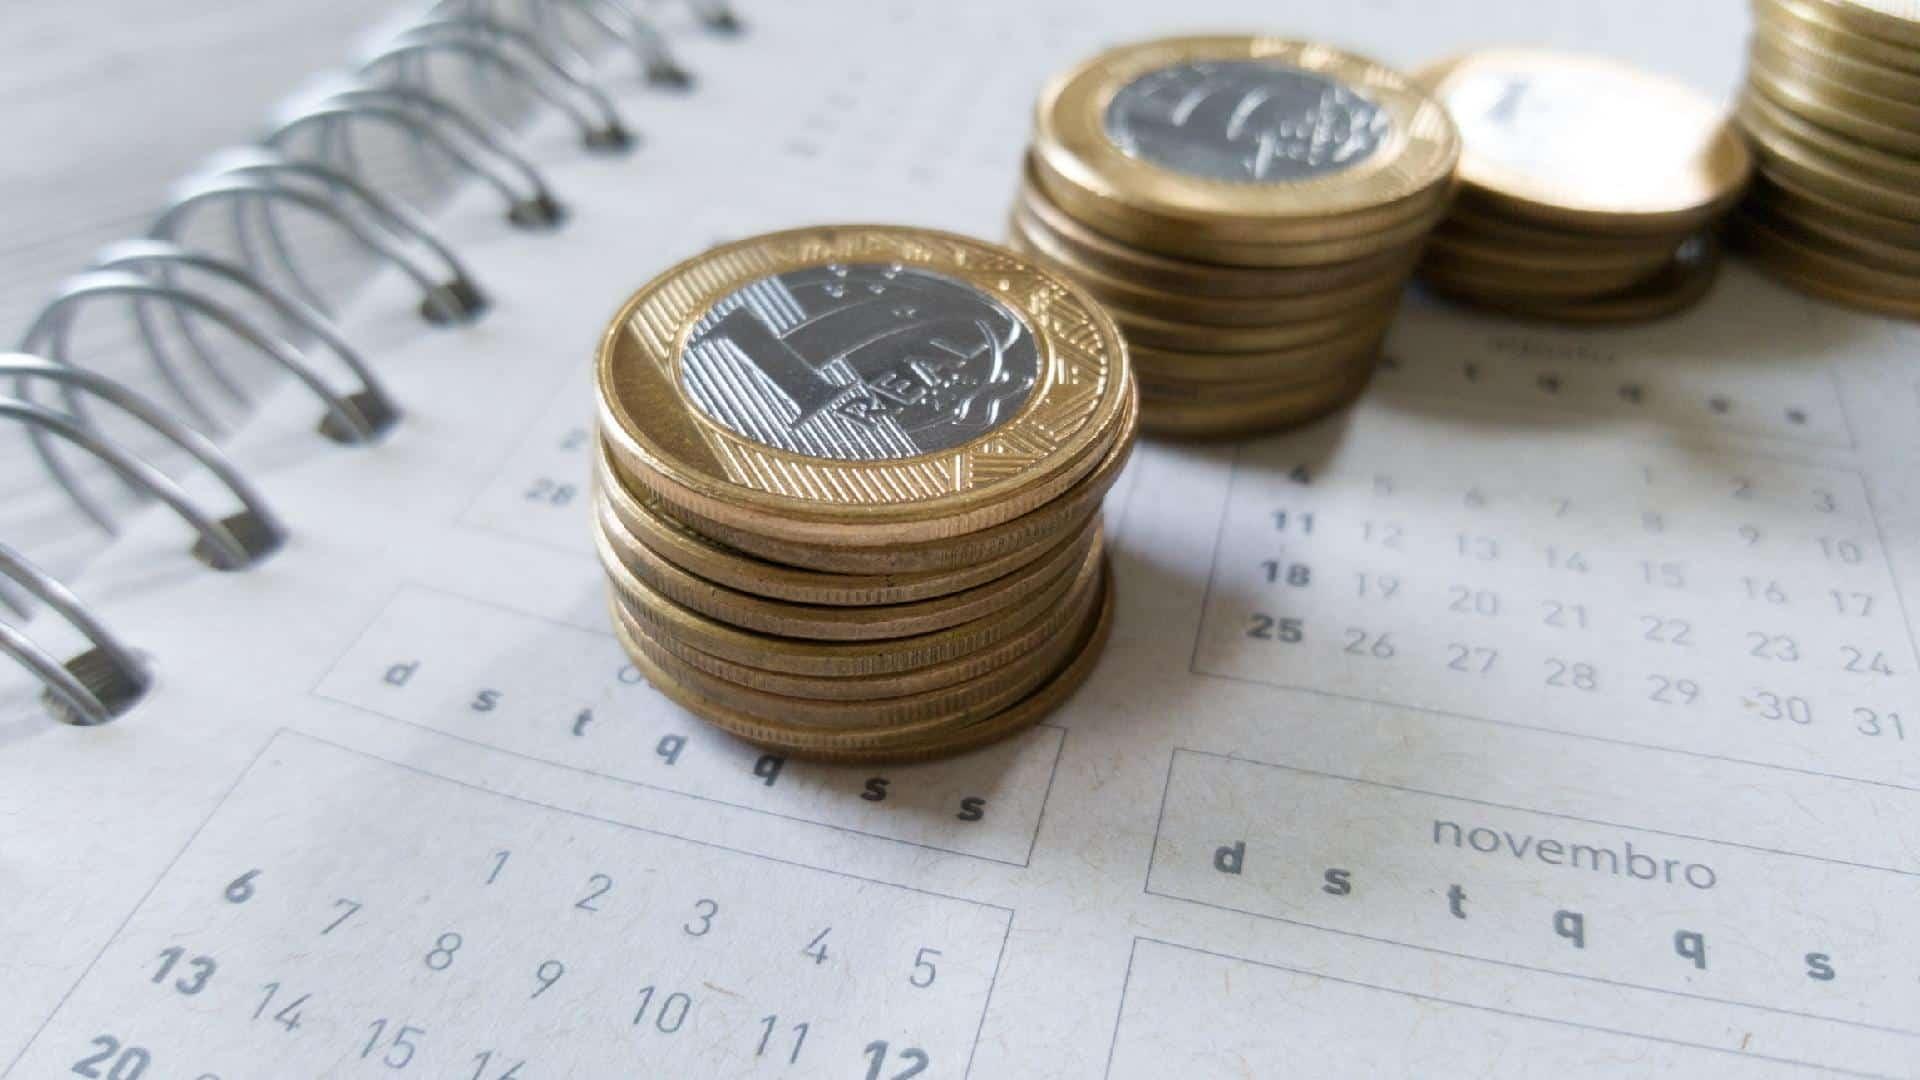 Mutirão de bancos alcançou número impressionante em negociações